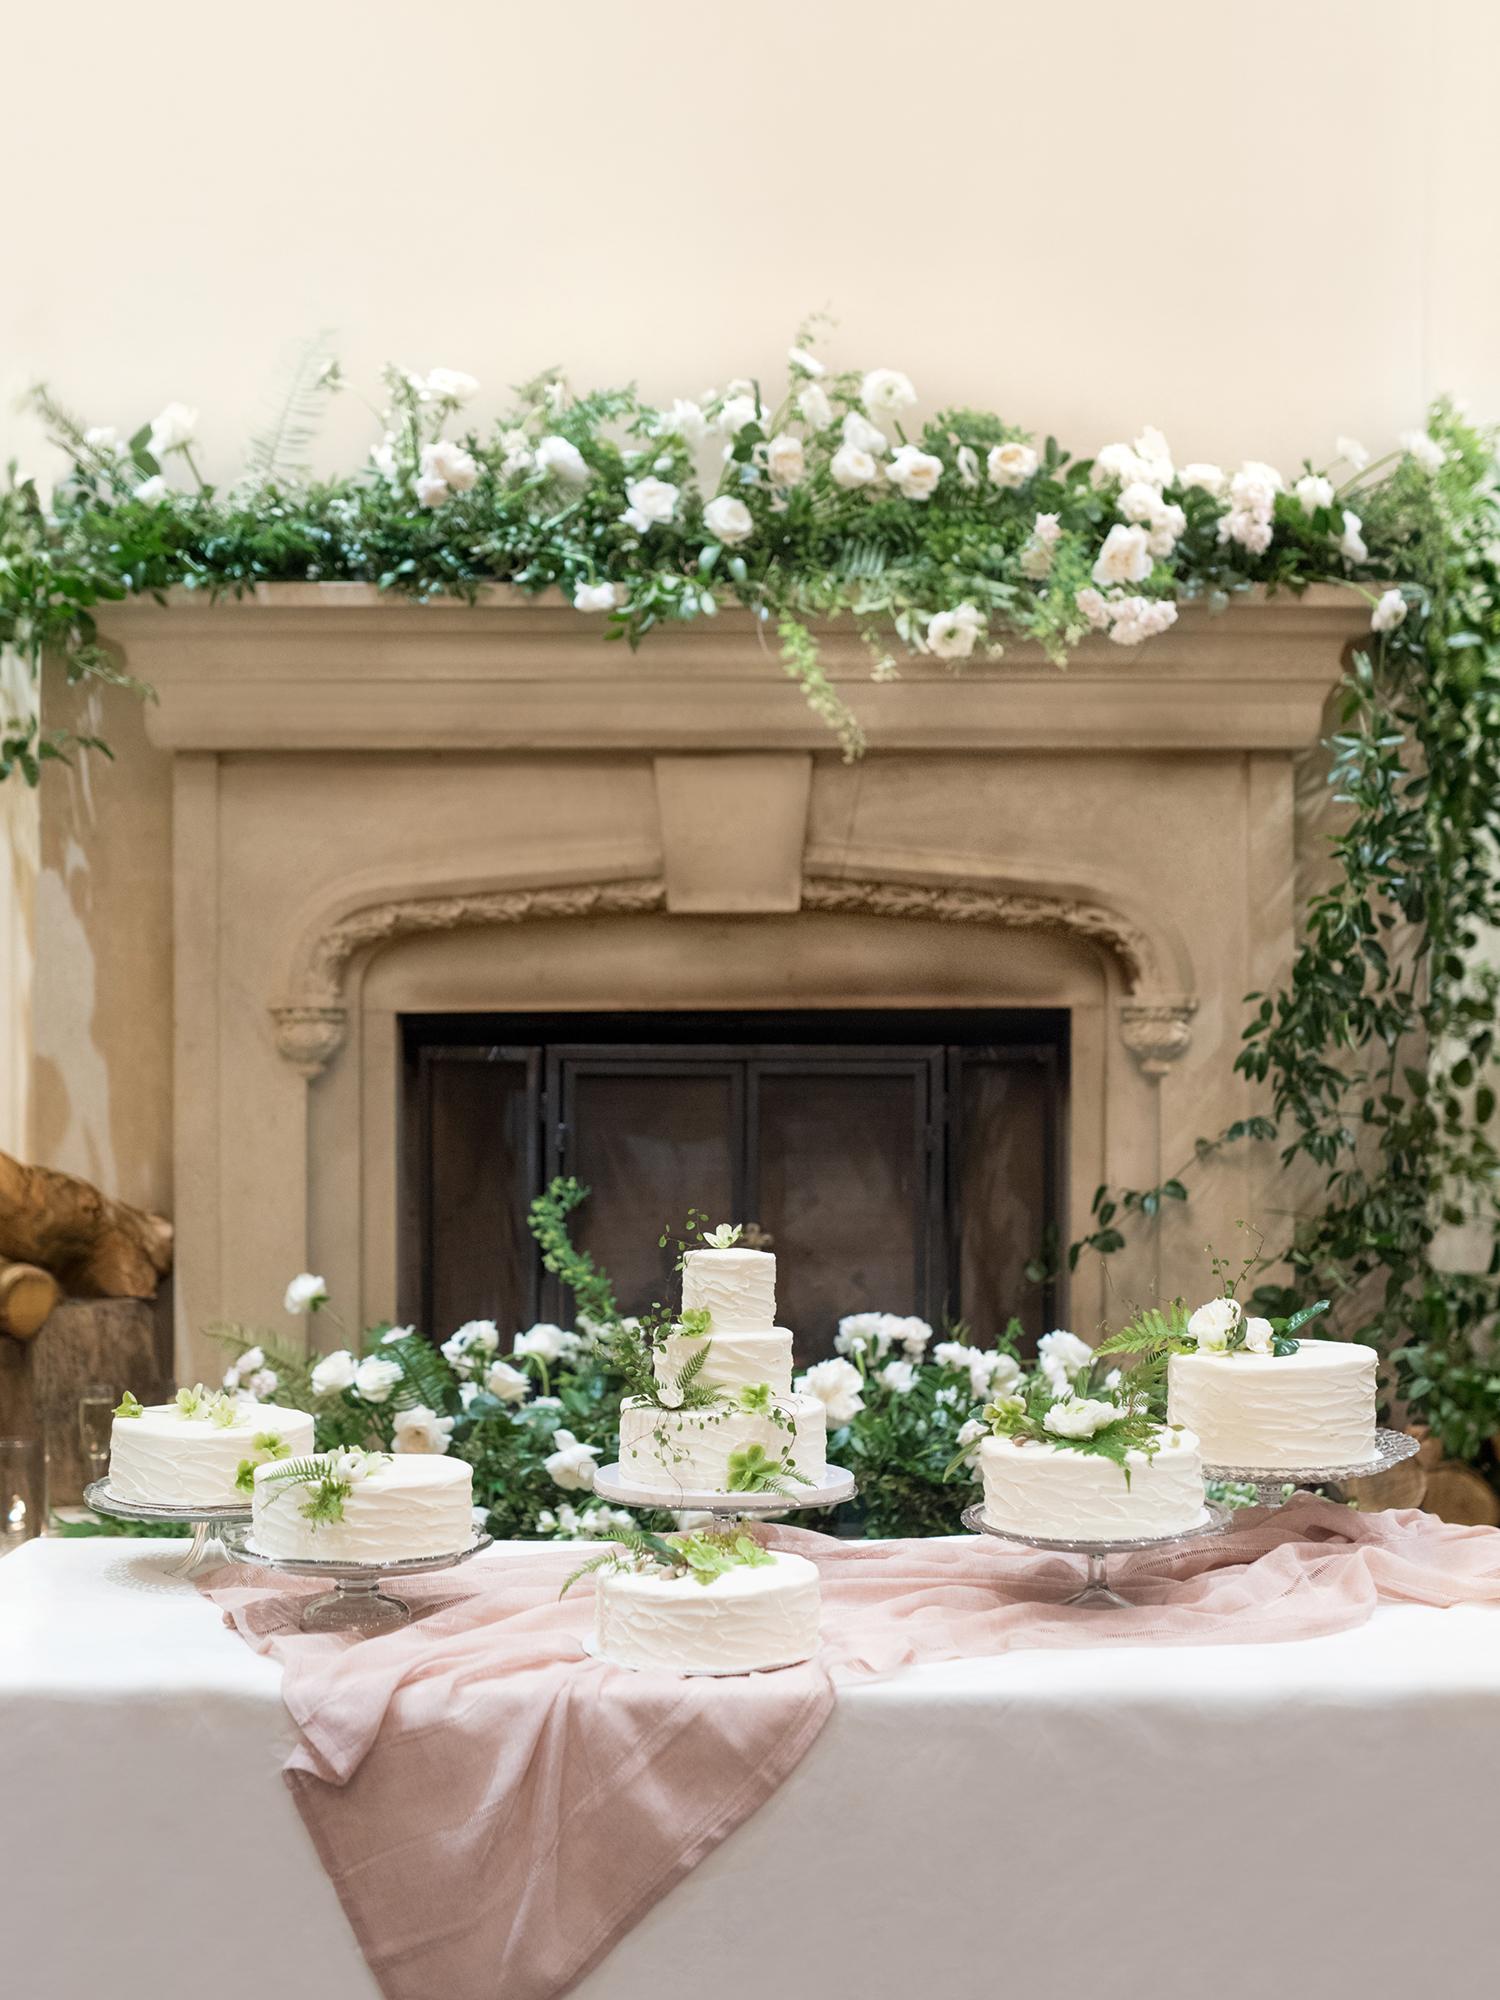 lauren aaron wedding cakes in front of fire place